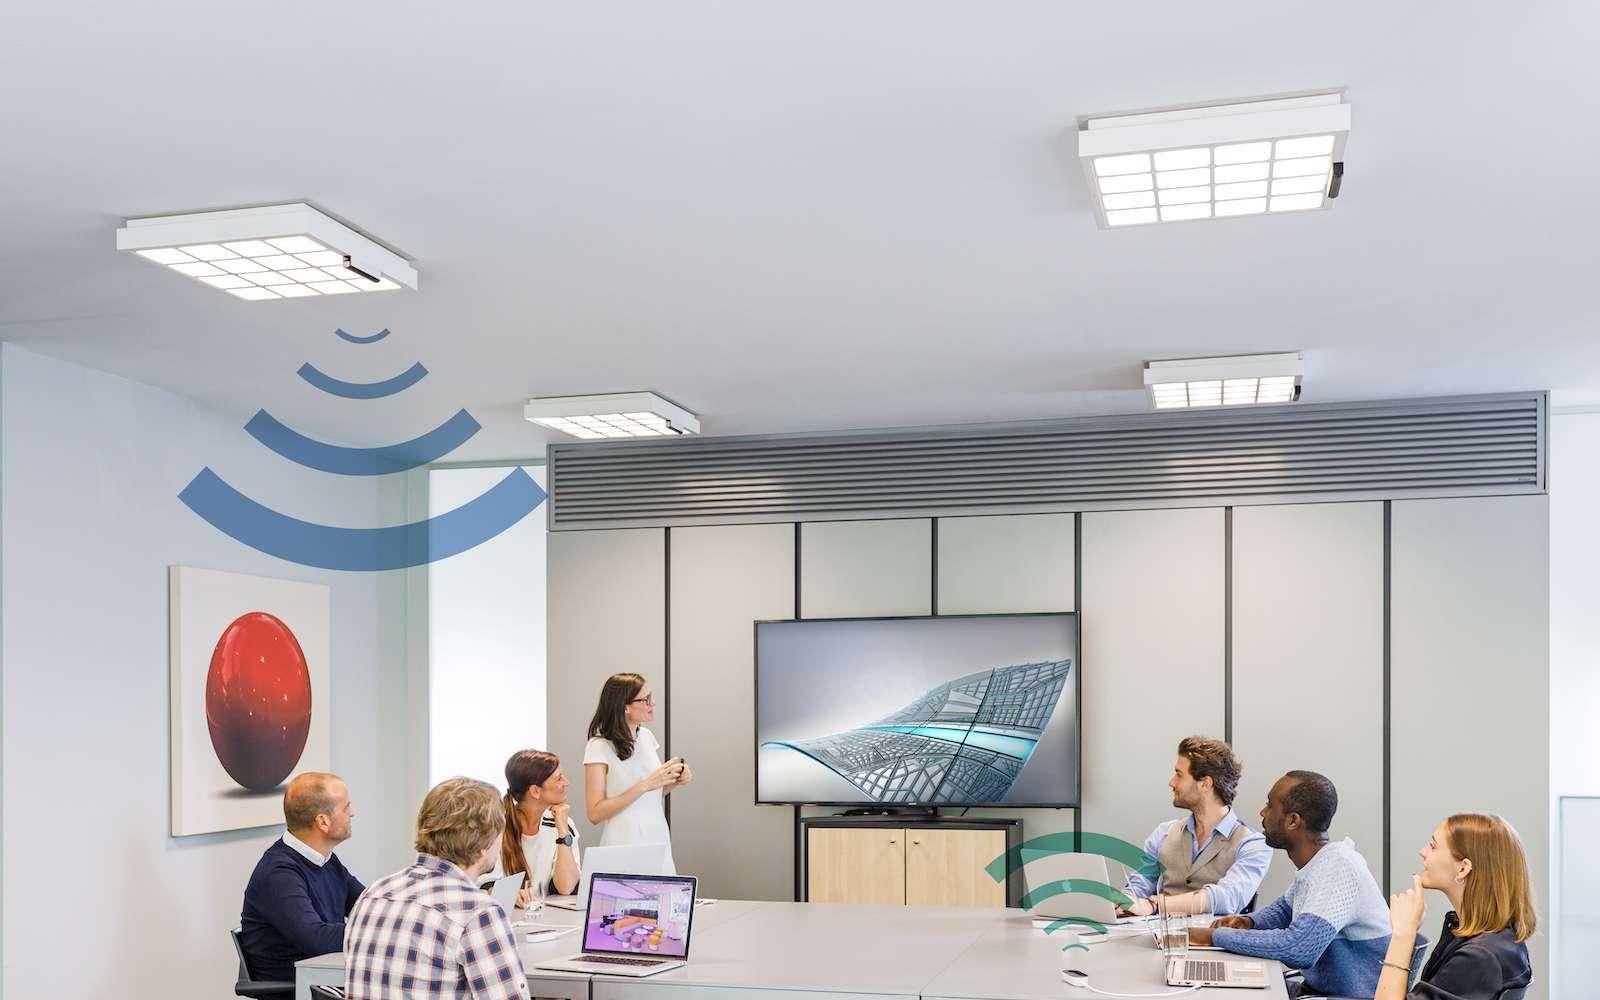 Bientôt concurrent du Wi-Fi, le Li-Fi peut équiper de grands espaces et proposer des connexions qui ne peuvent pas être piratées de l'extérieur. © Signify